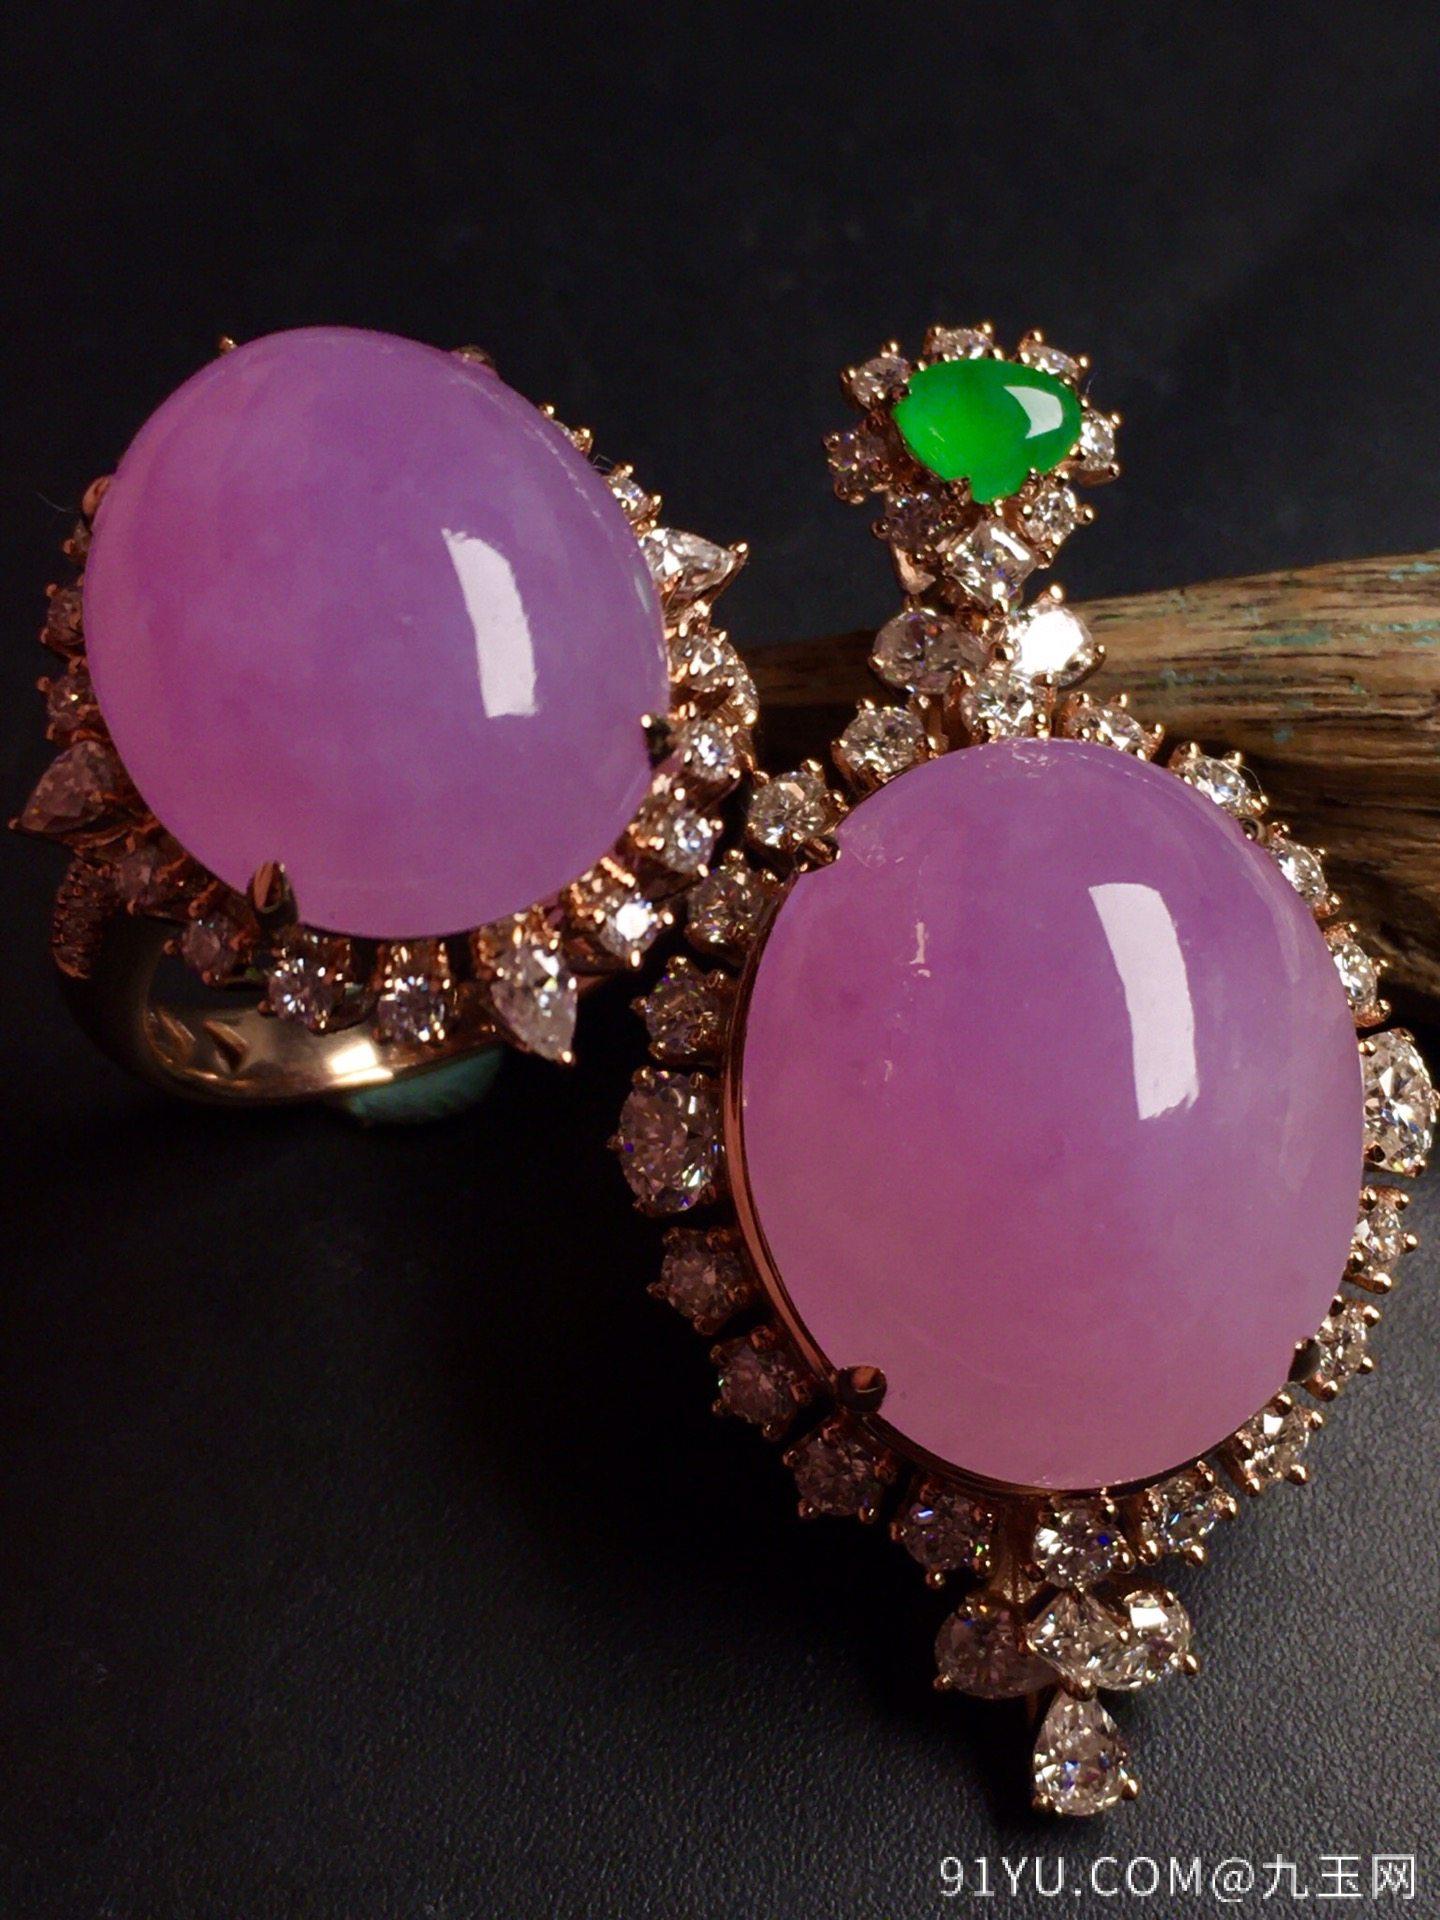 超值,美极了❤【套装,紫罗兰】通透,水润,完美,18k金华奢钻镶石嵌☕第3张